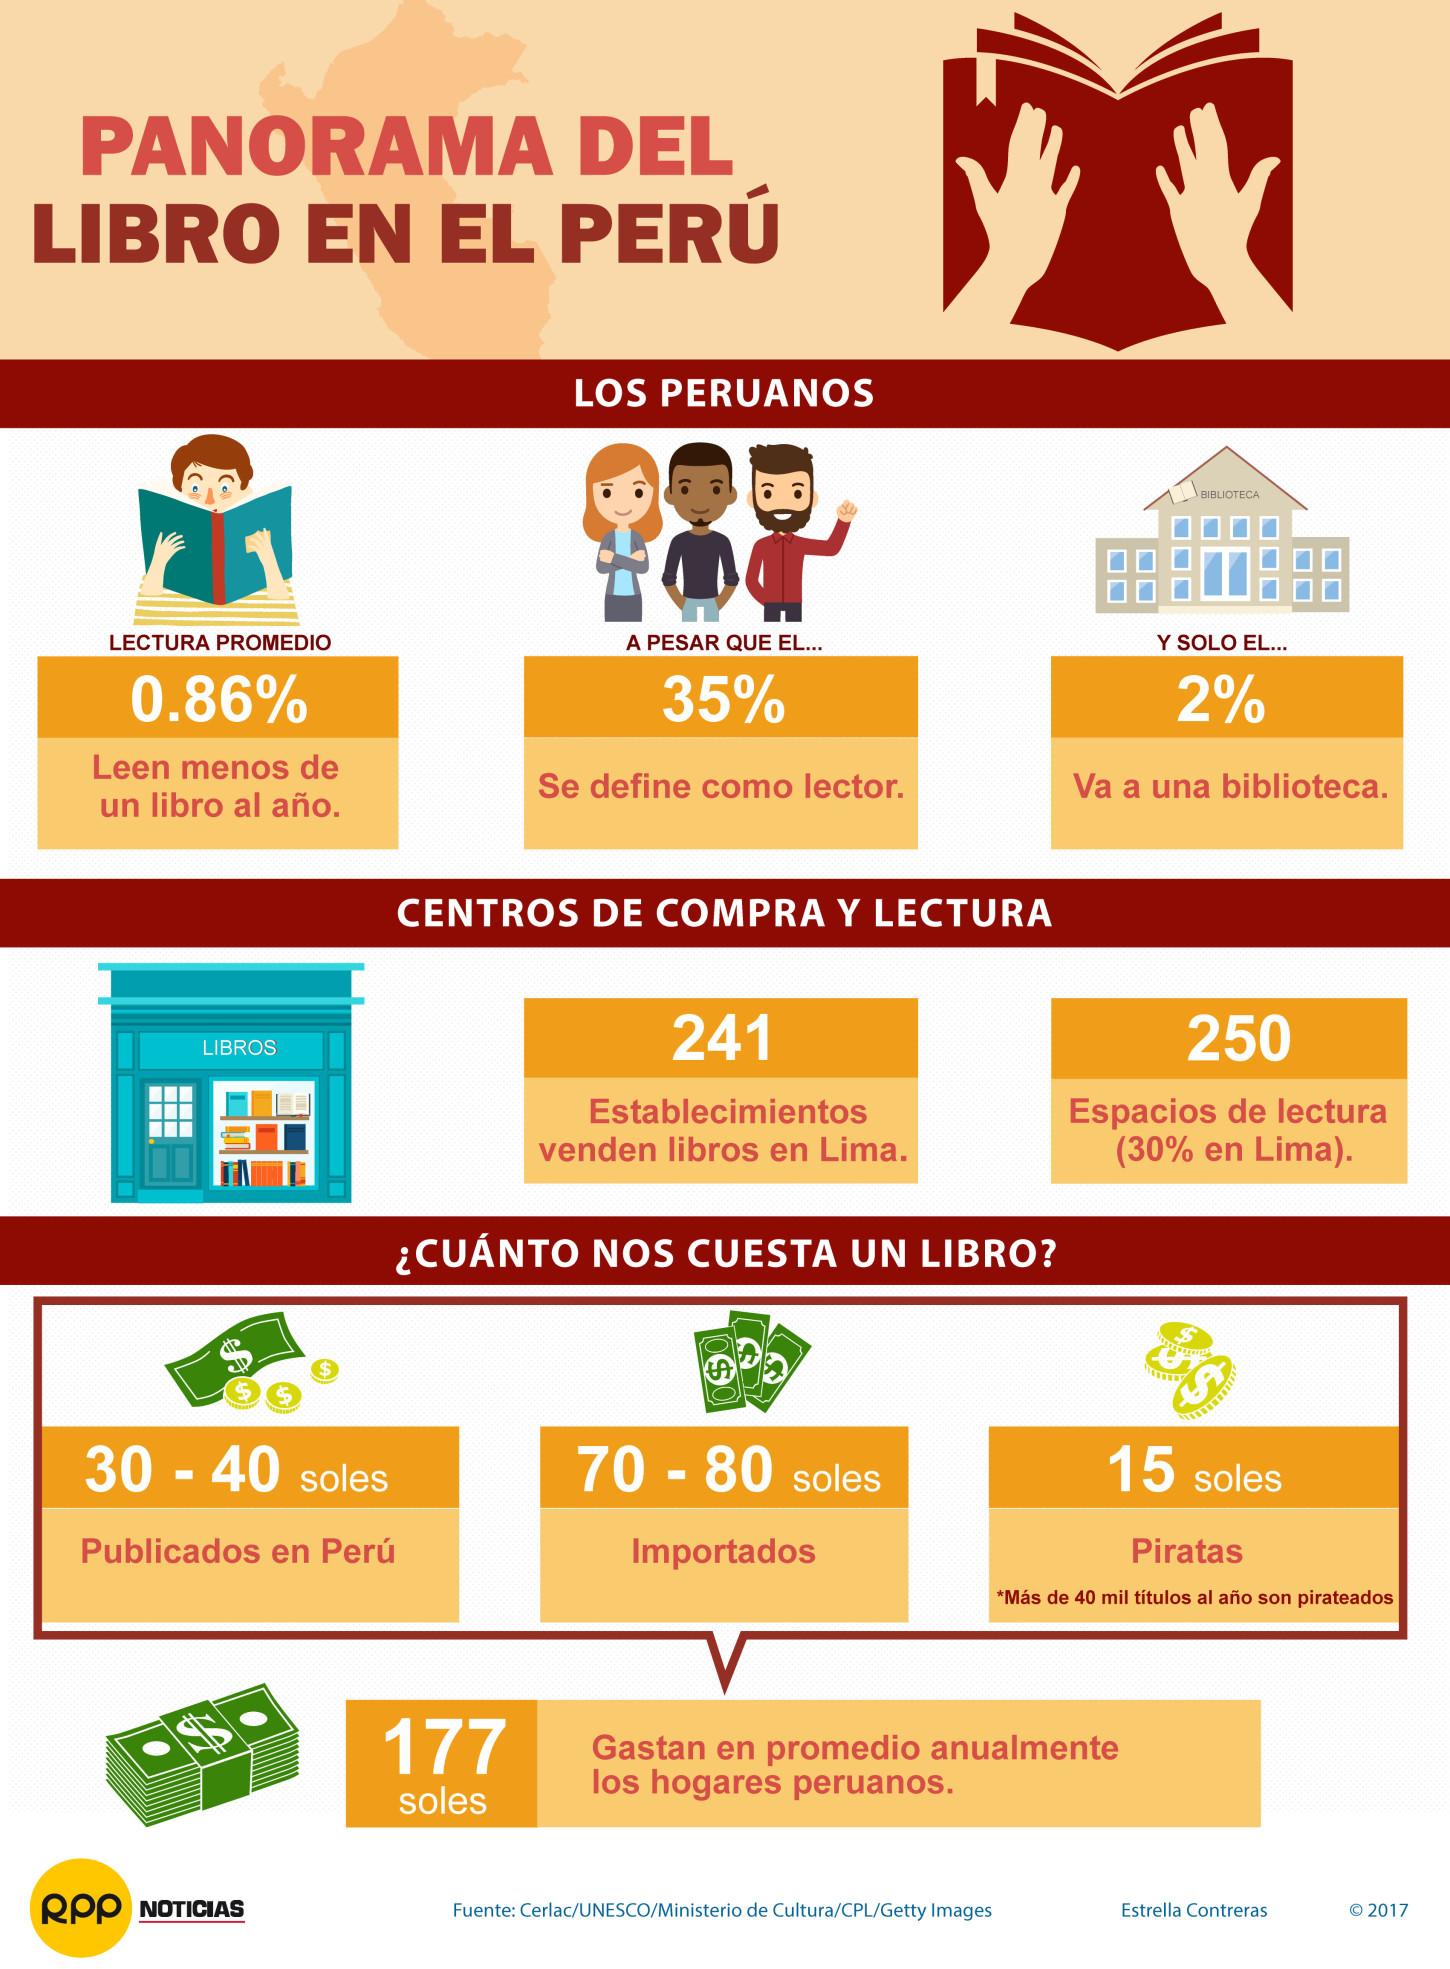 El sector del libro en América Latina se ha ido fortaleciendo en los últimos años. Perú es el quinto país donde más se lee en la región, debajo de Brasil y Colombia, con planes para una próxima implementación de estrategias de promoción de la lectura.